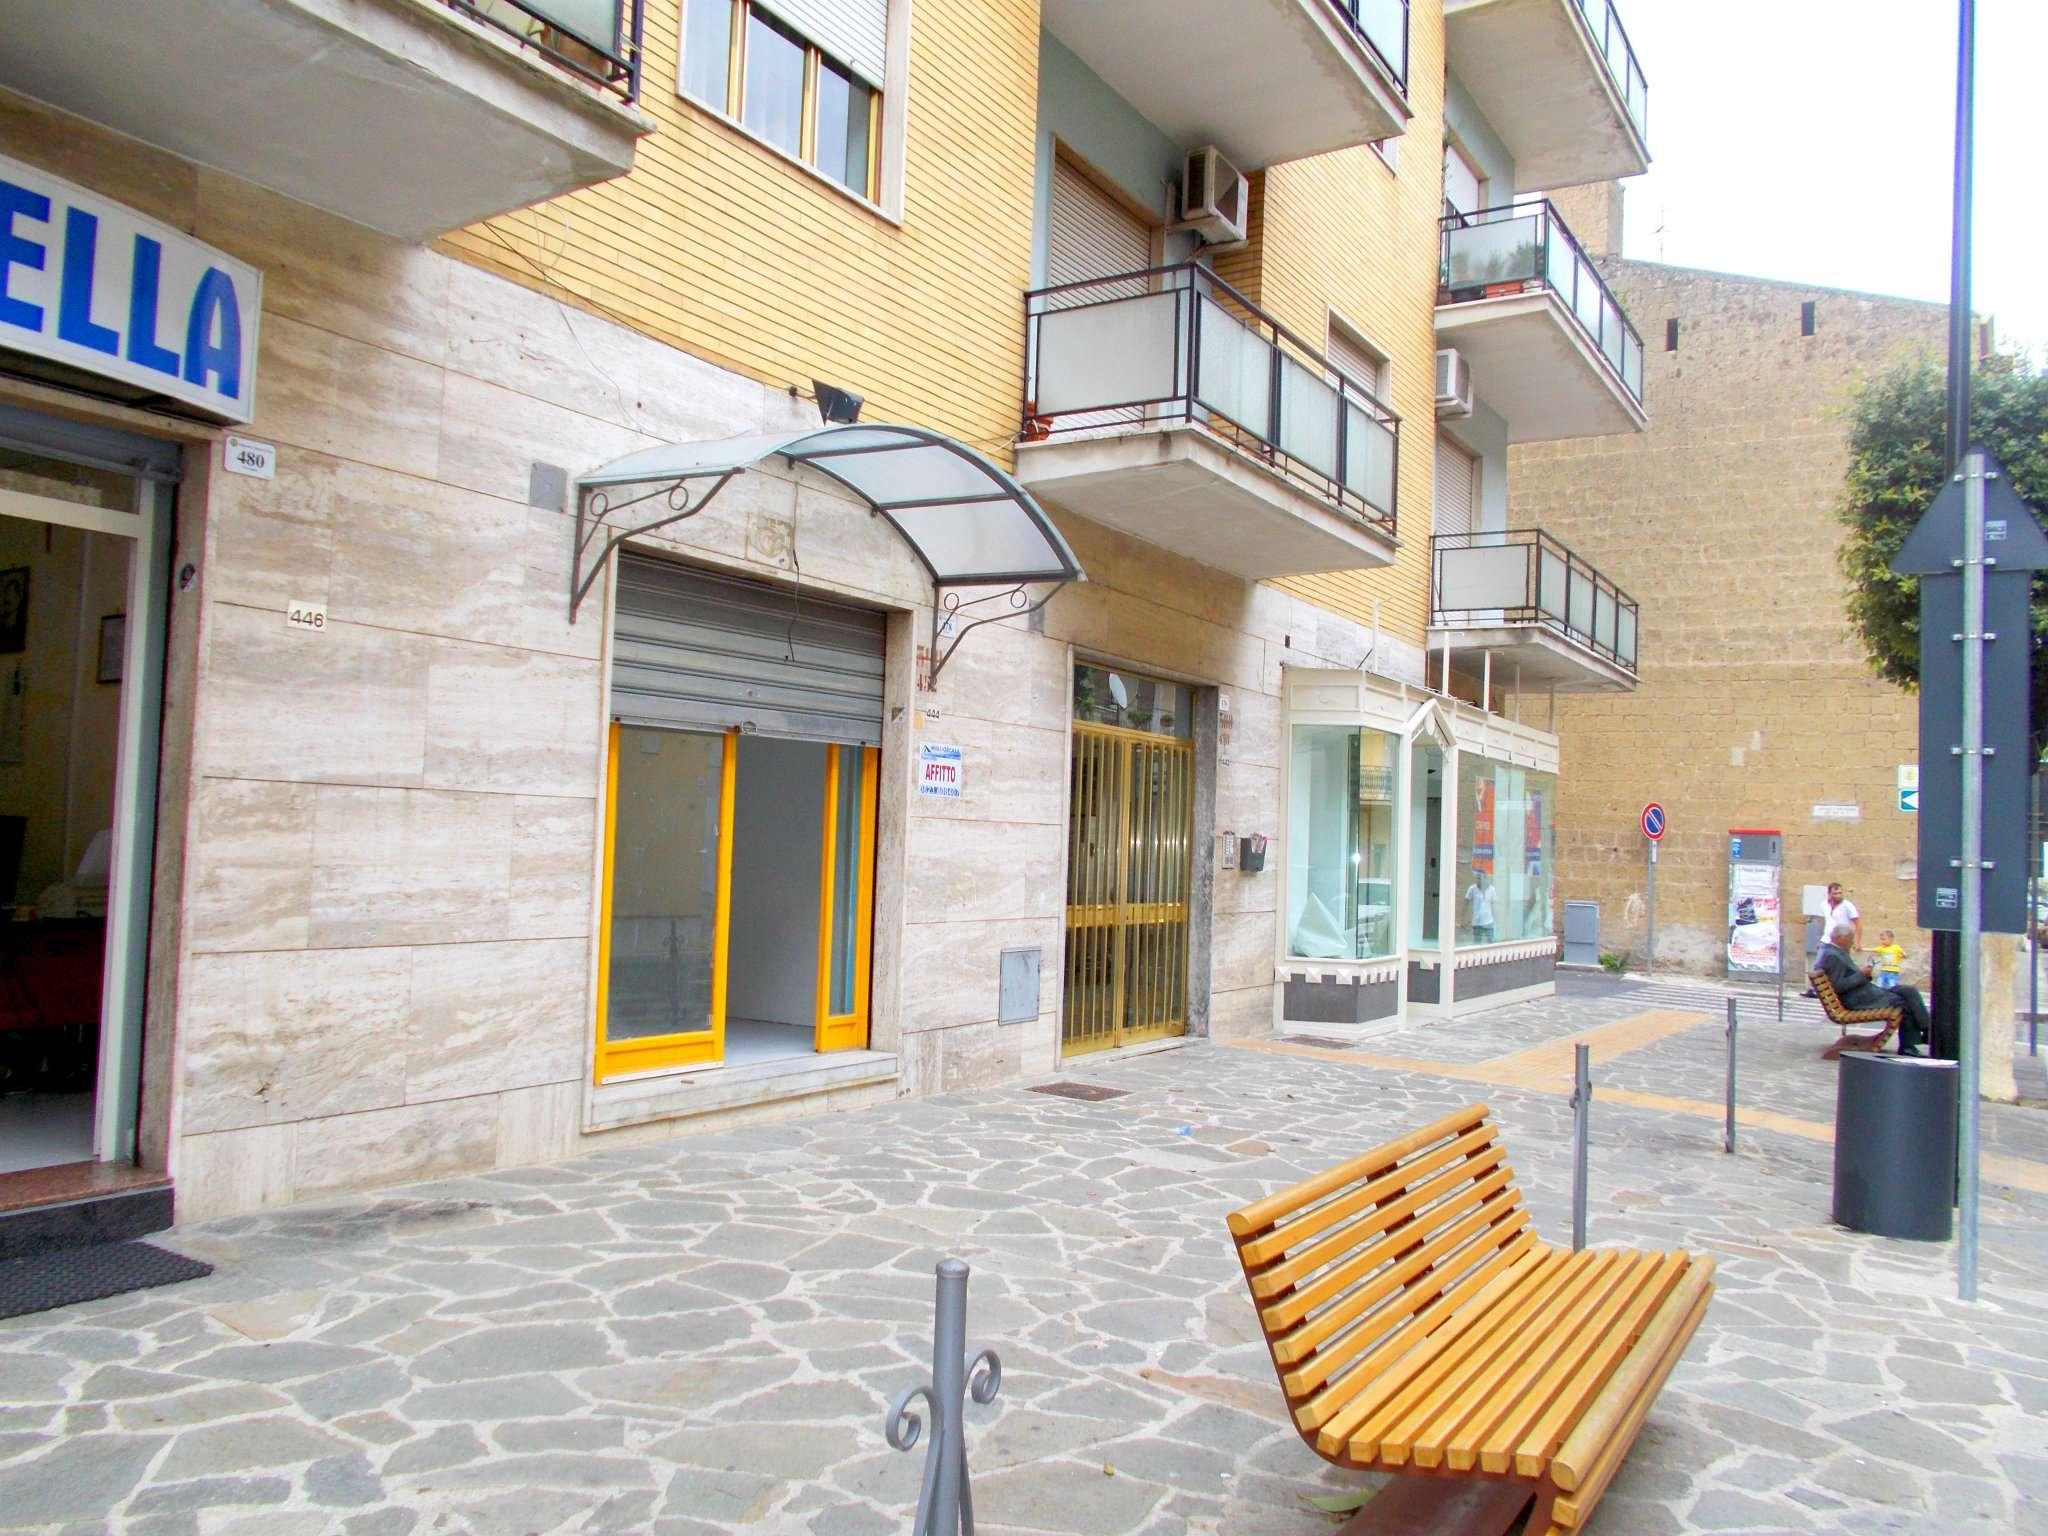 Negozio / Locale in affitto a Santa Maria a Vico, 9999 locali, prezzo € 290 | CambioCasa.it